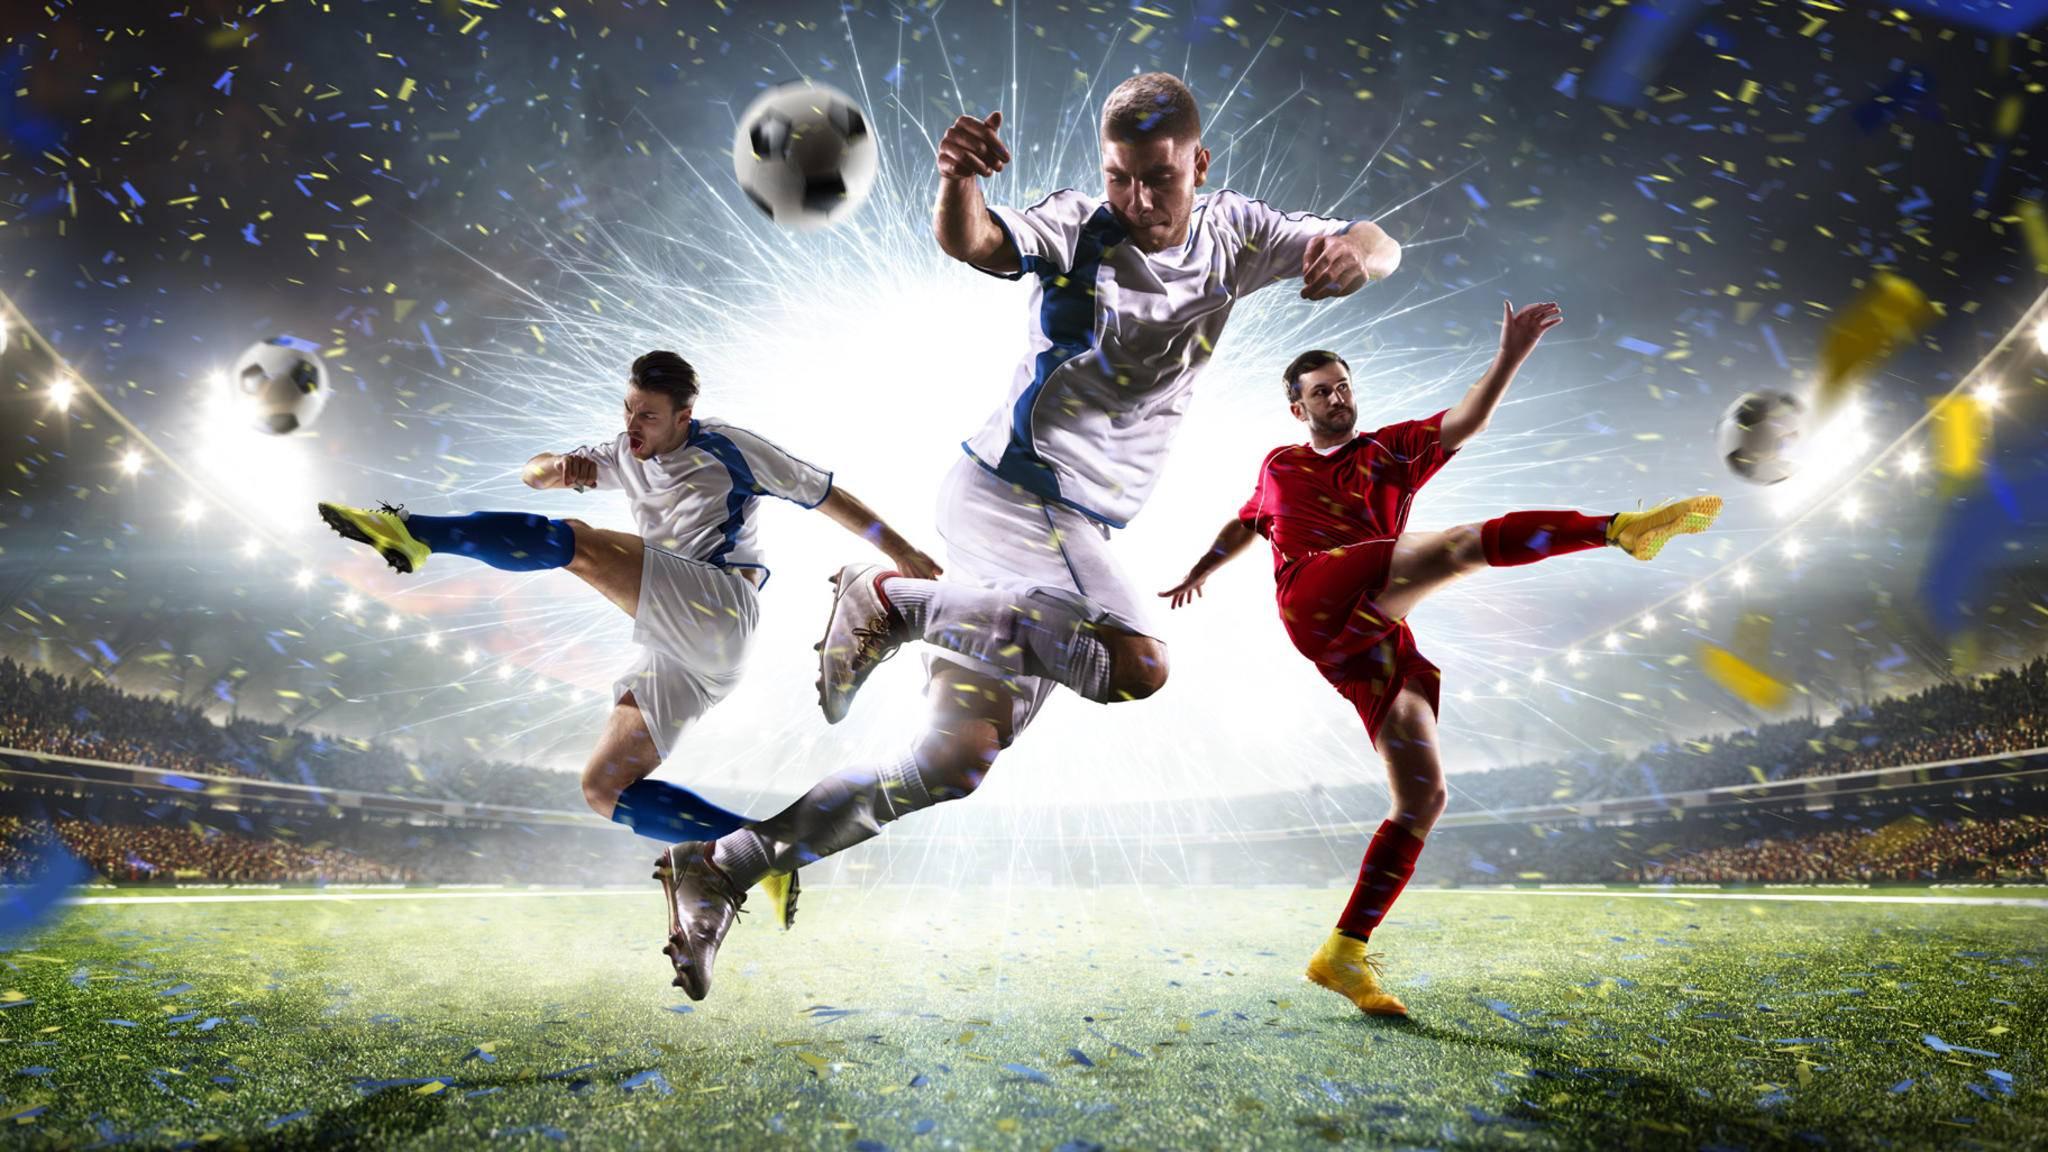 Du willst bei der WM 2018 mittippen? Dann schau Dir unsere Liste der Tippspiel-Plattformen an.